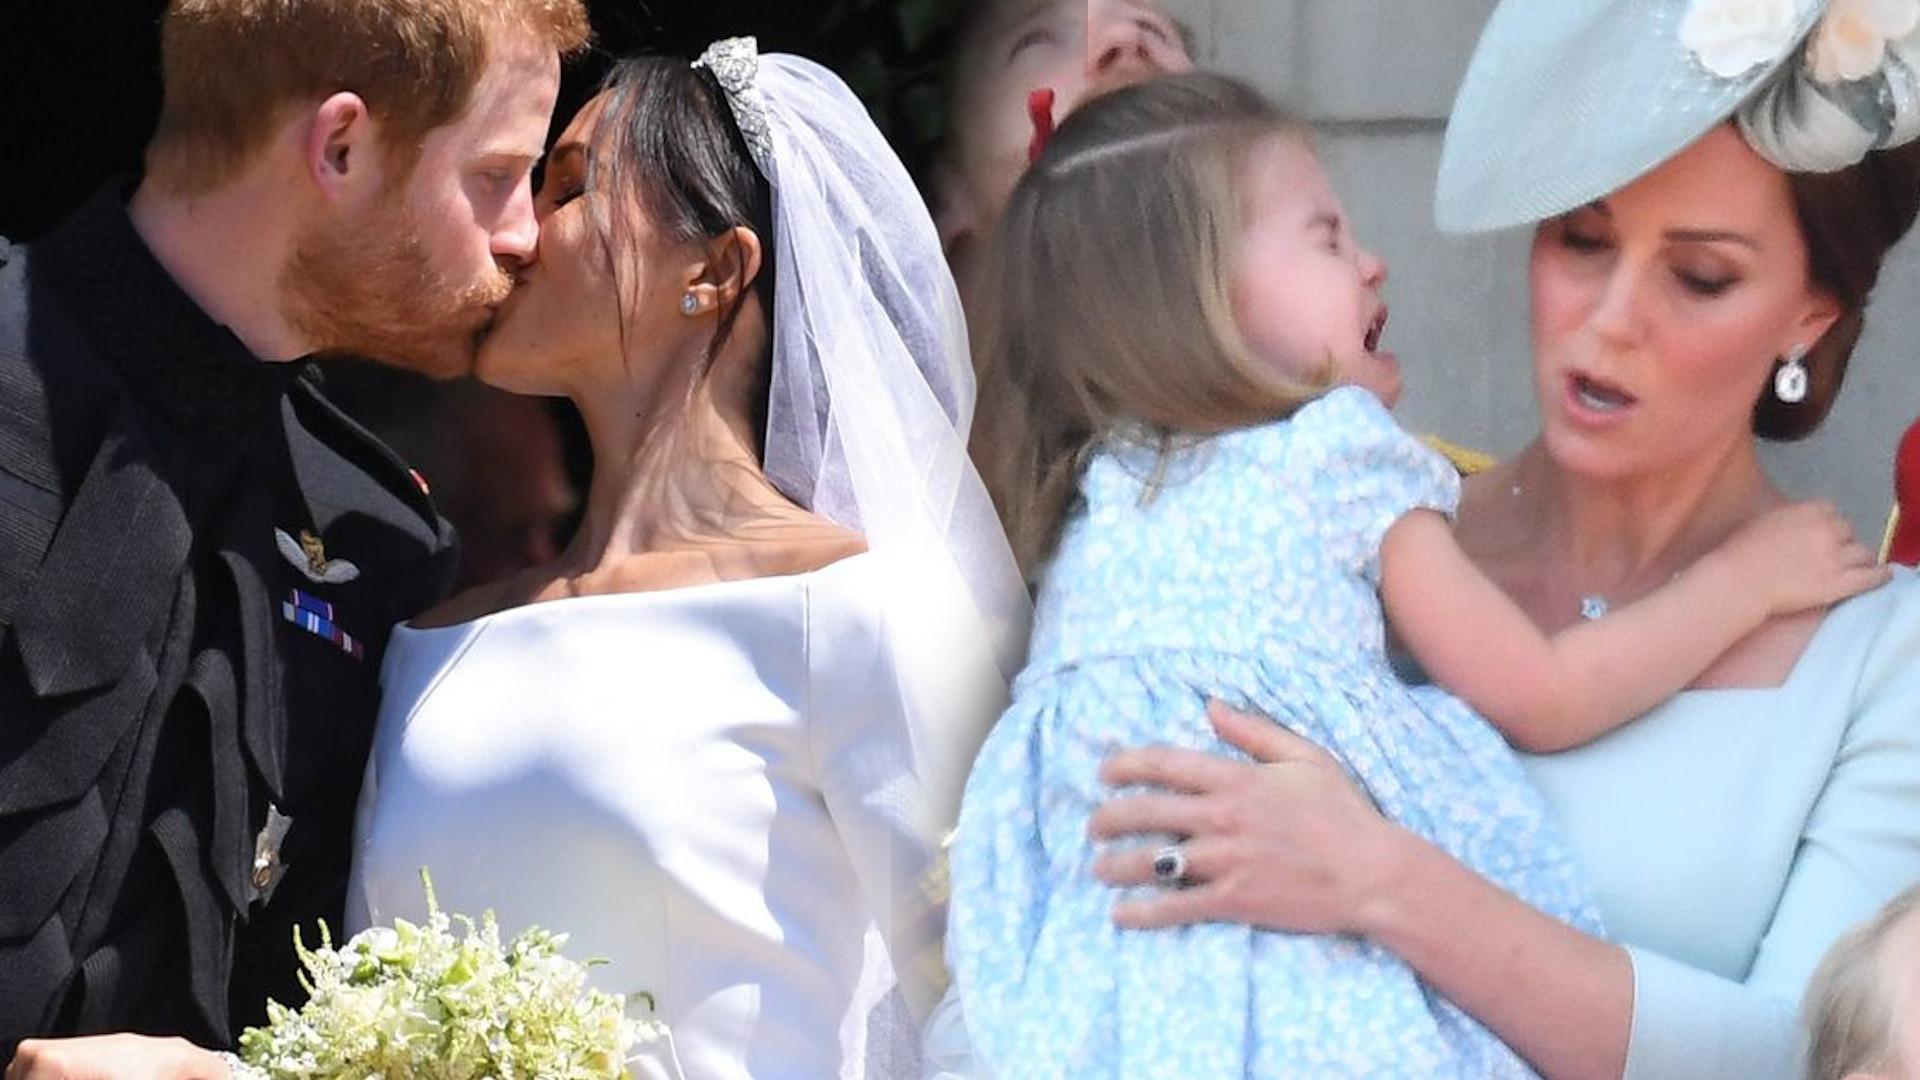 Bukiet ślubny Meghan Markle mógł stanowić poważne ZAGROŻENIE dla księżniczki Charlotte?